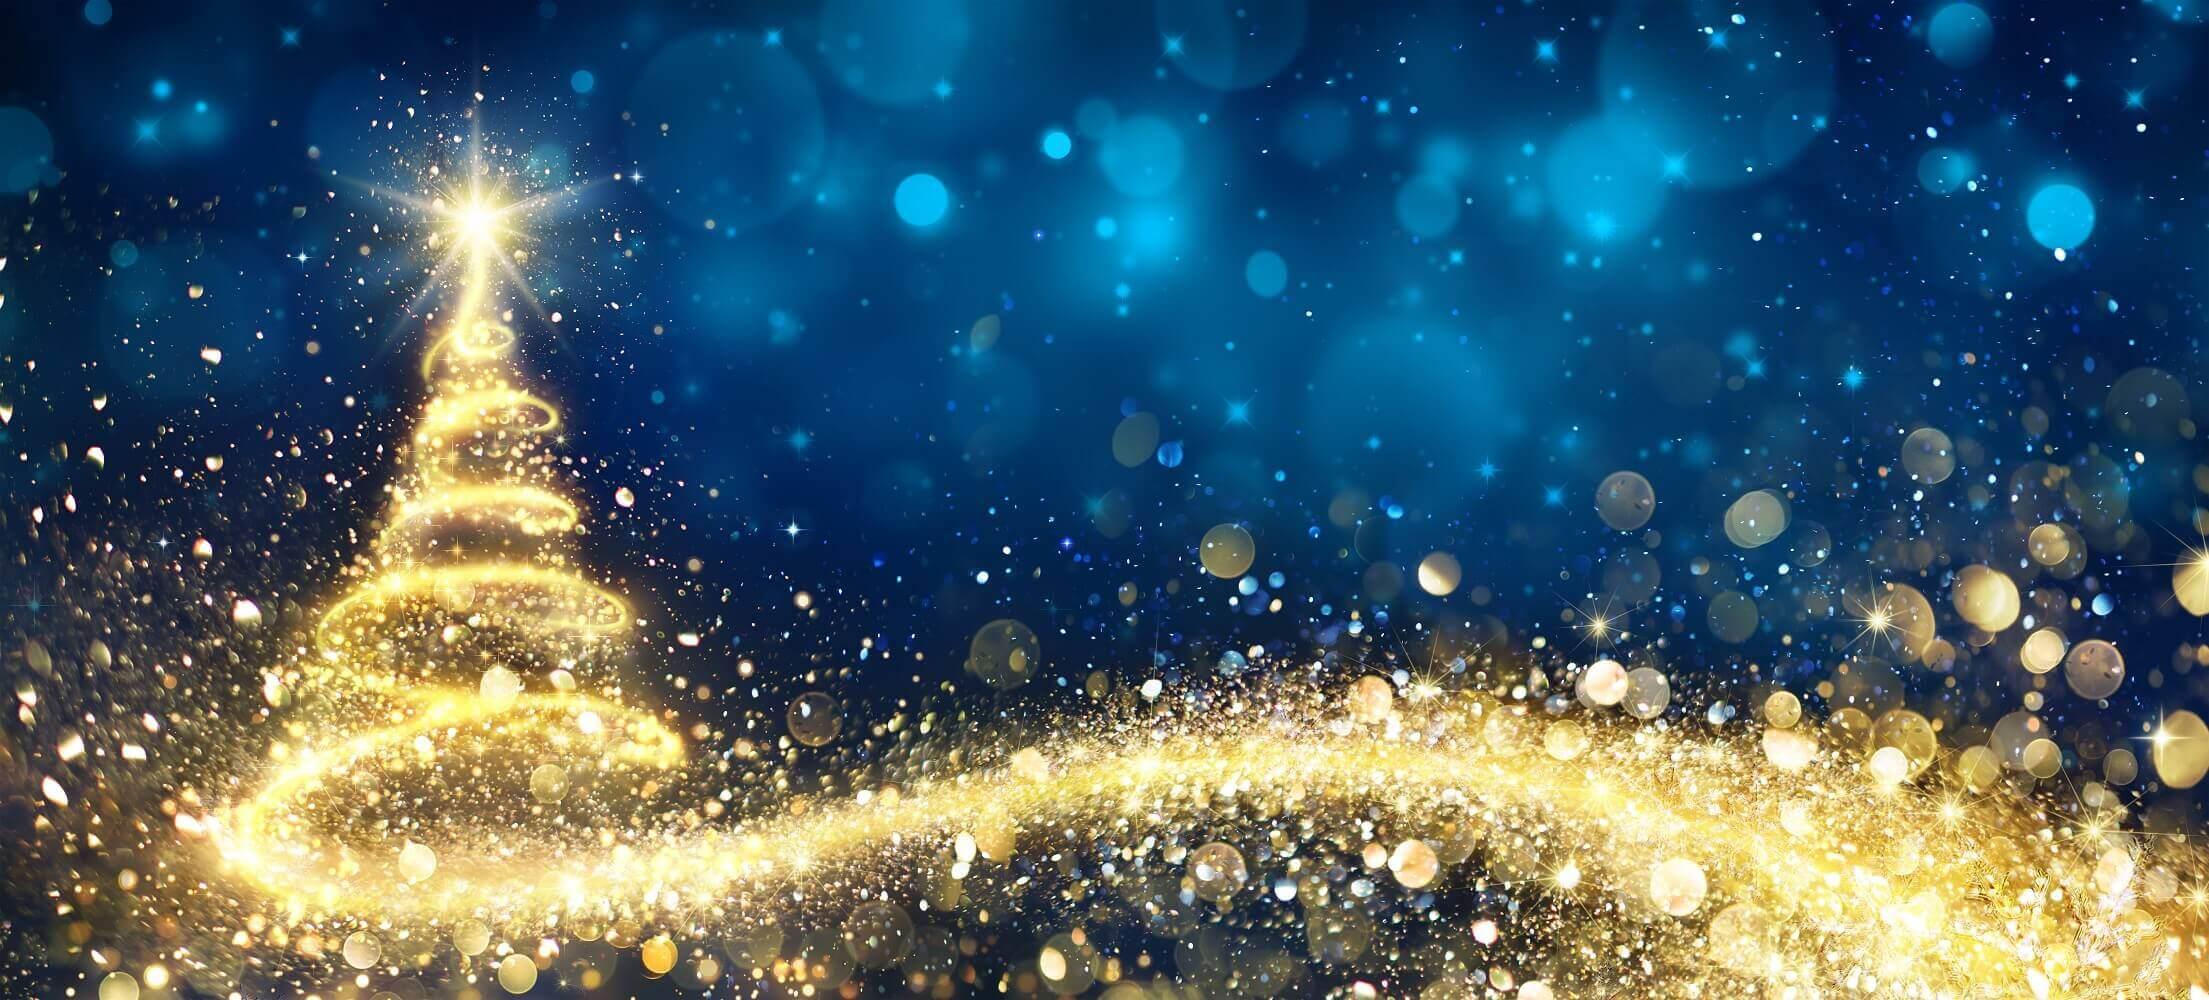 Weihnachtsbaum - Neujahr